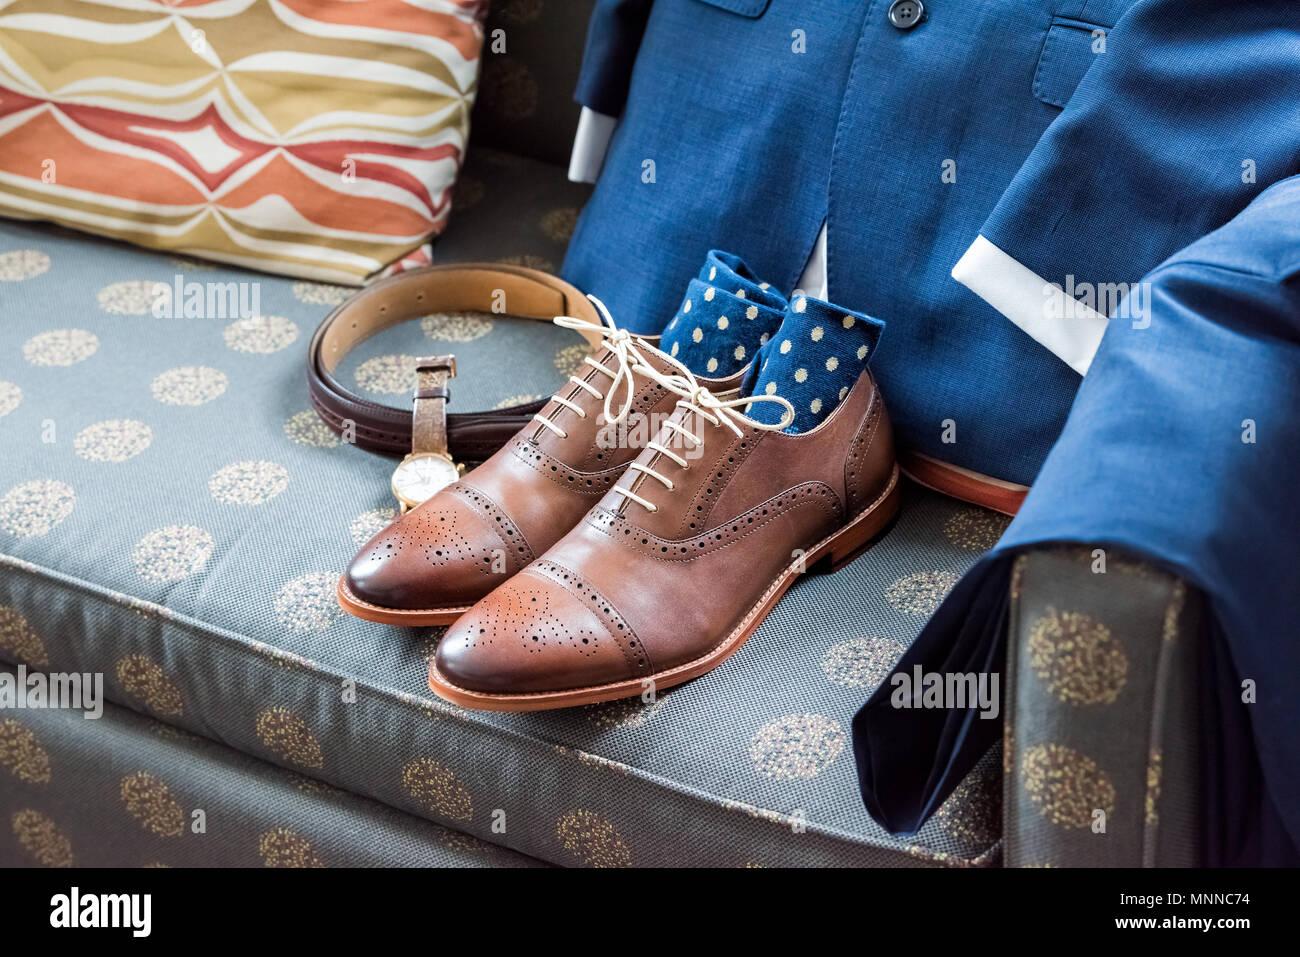 uk availability fc1b0 6f068 Leder Herren neue braune Schuhe closeup noch Leben auf der ...